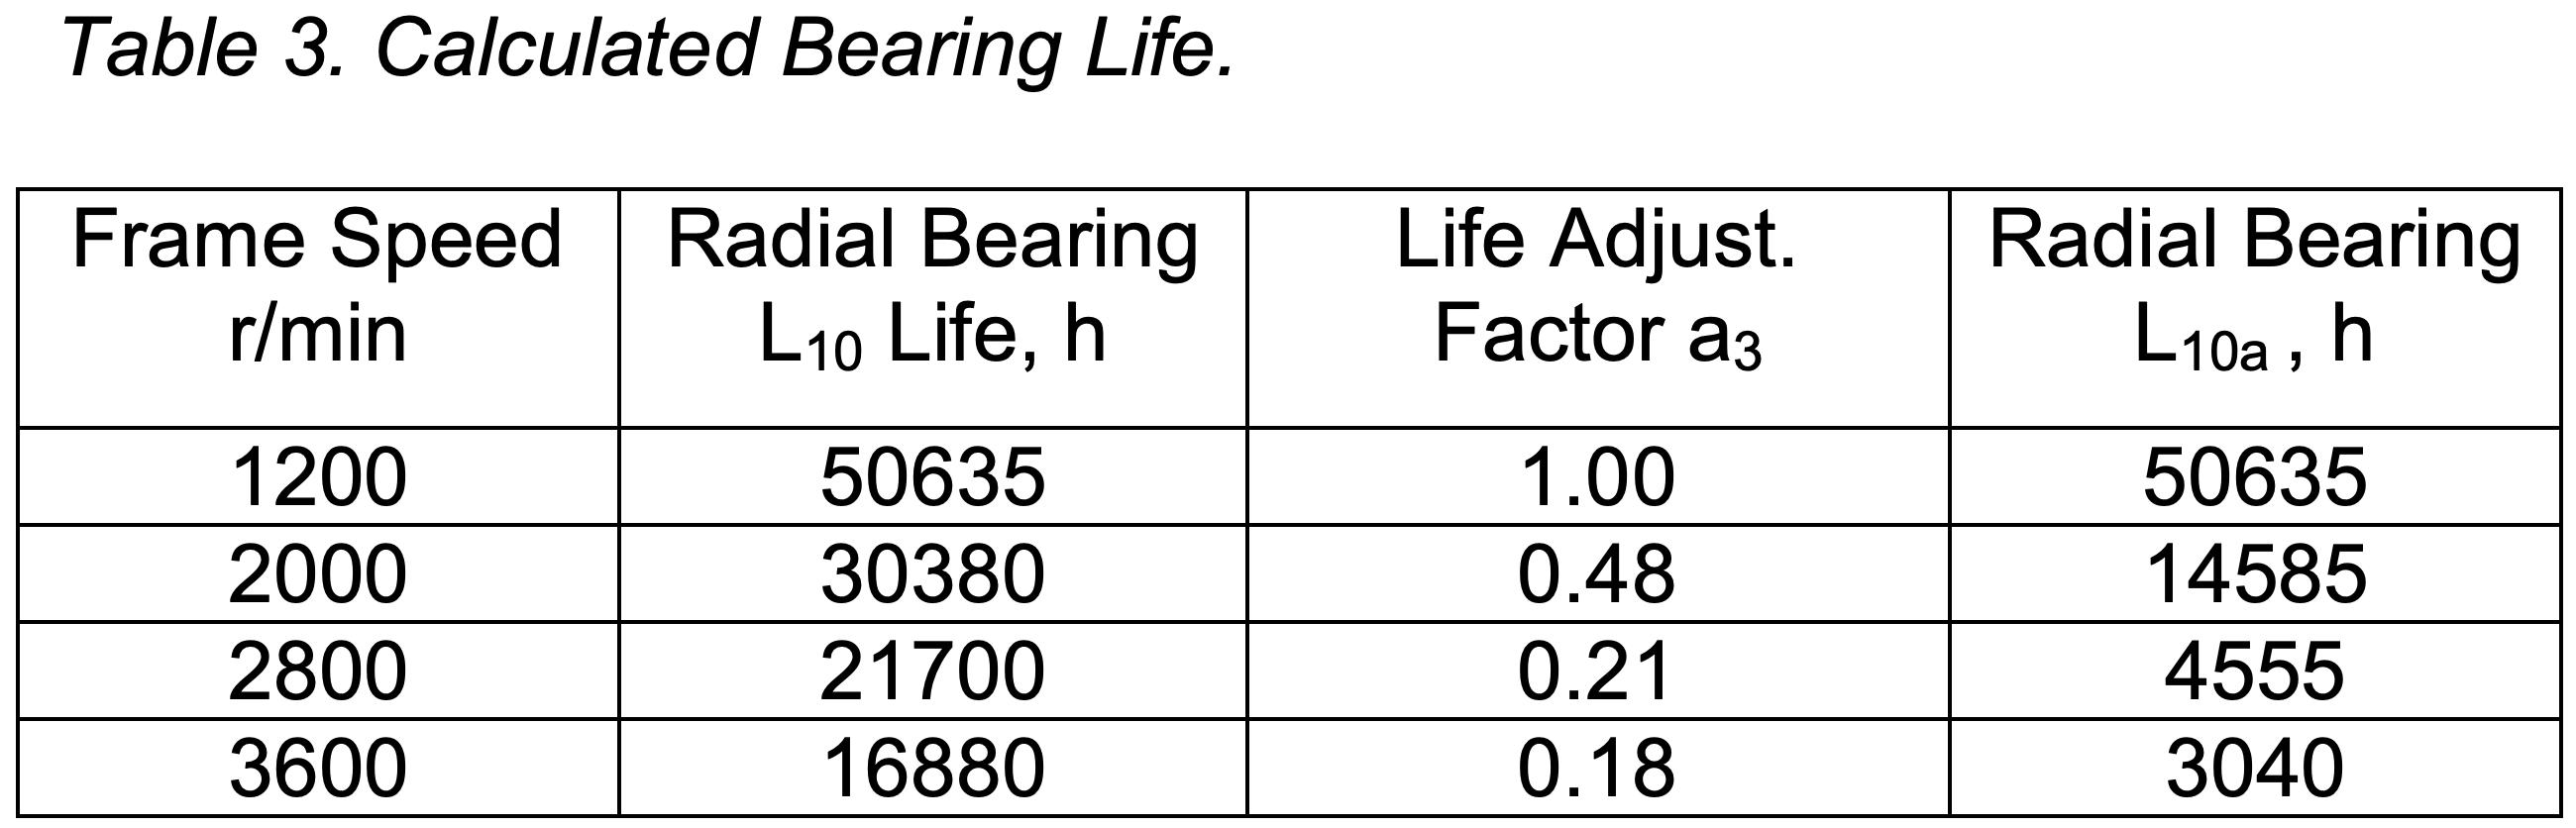 Calculating Bearing Life